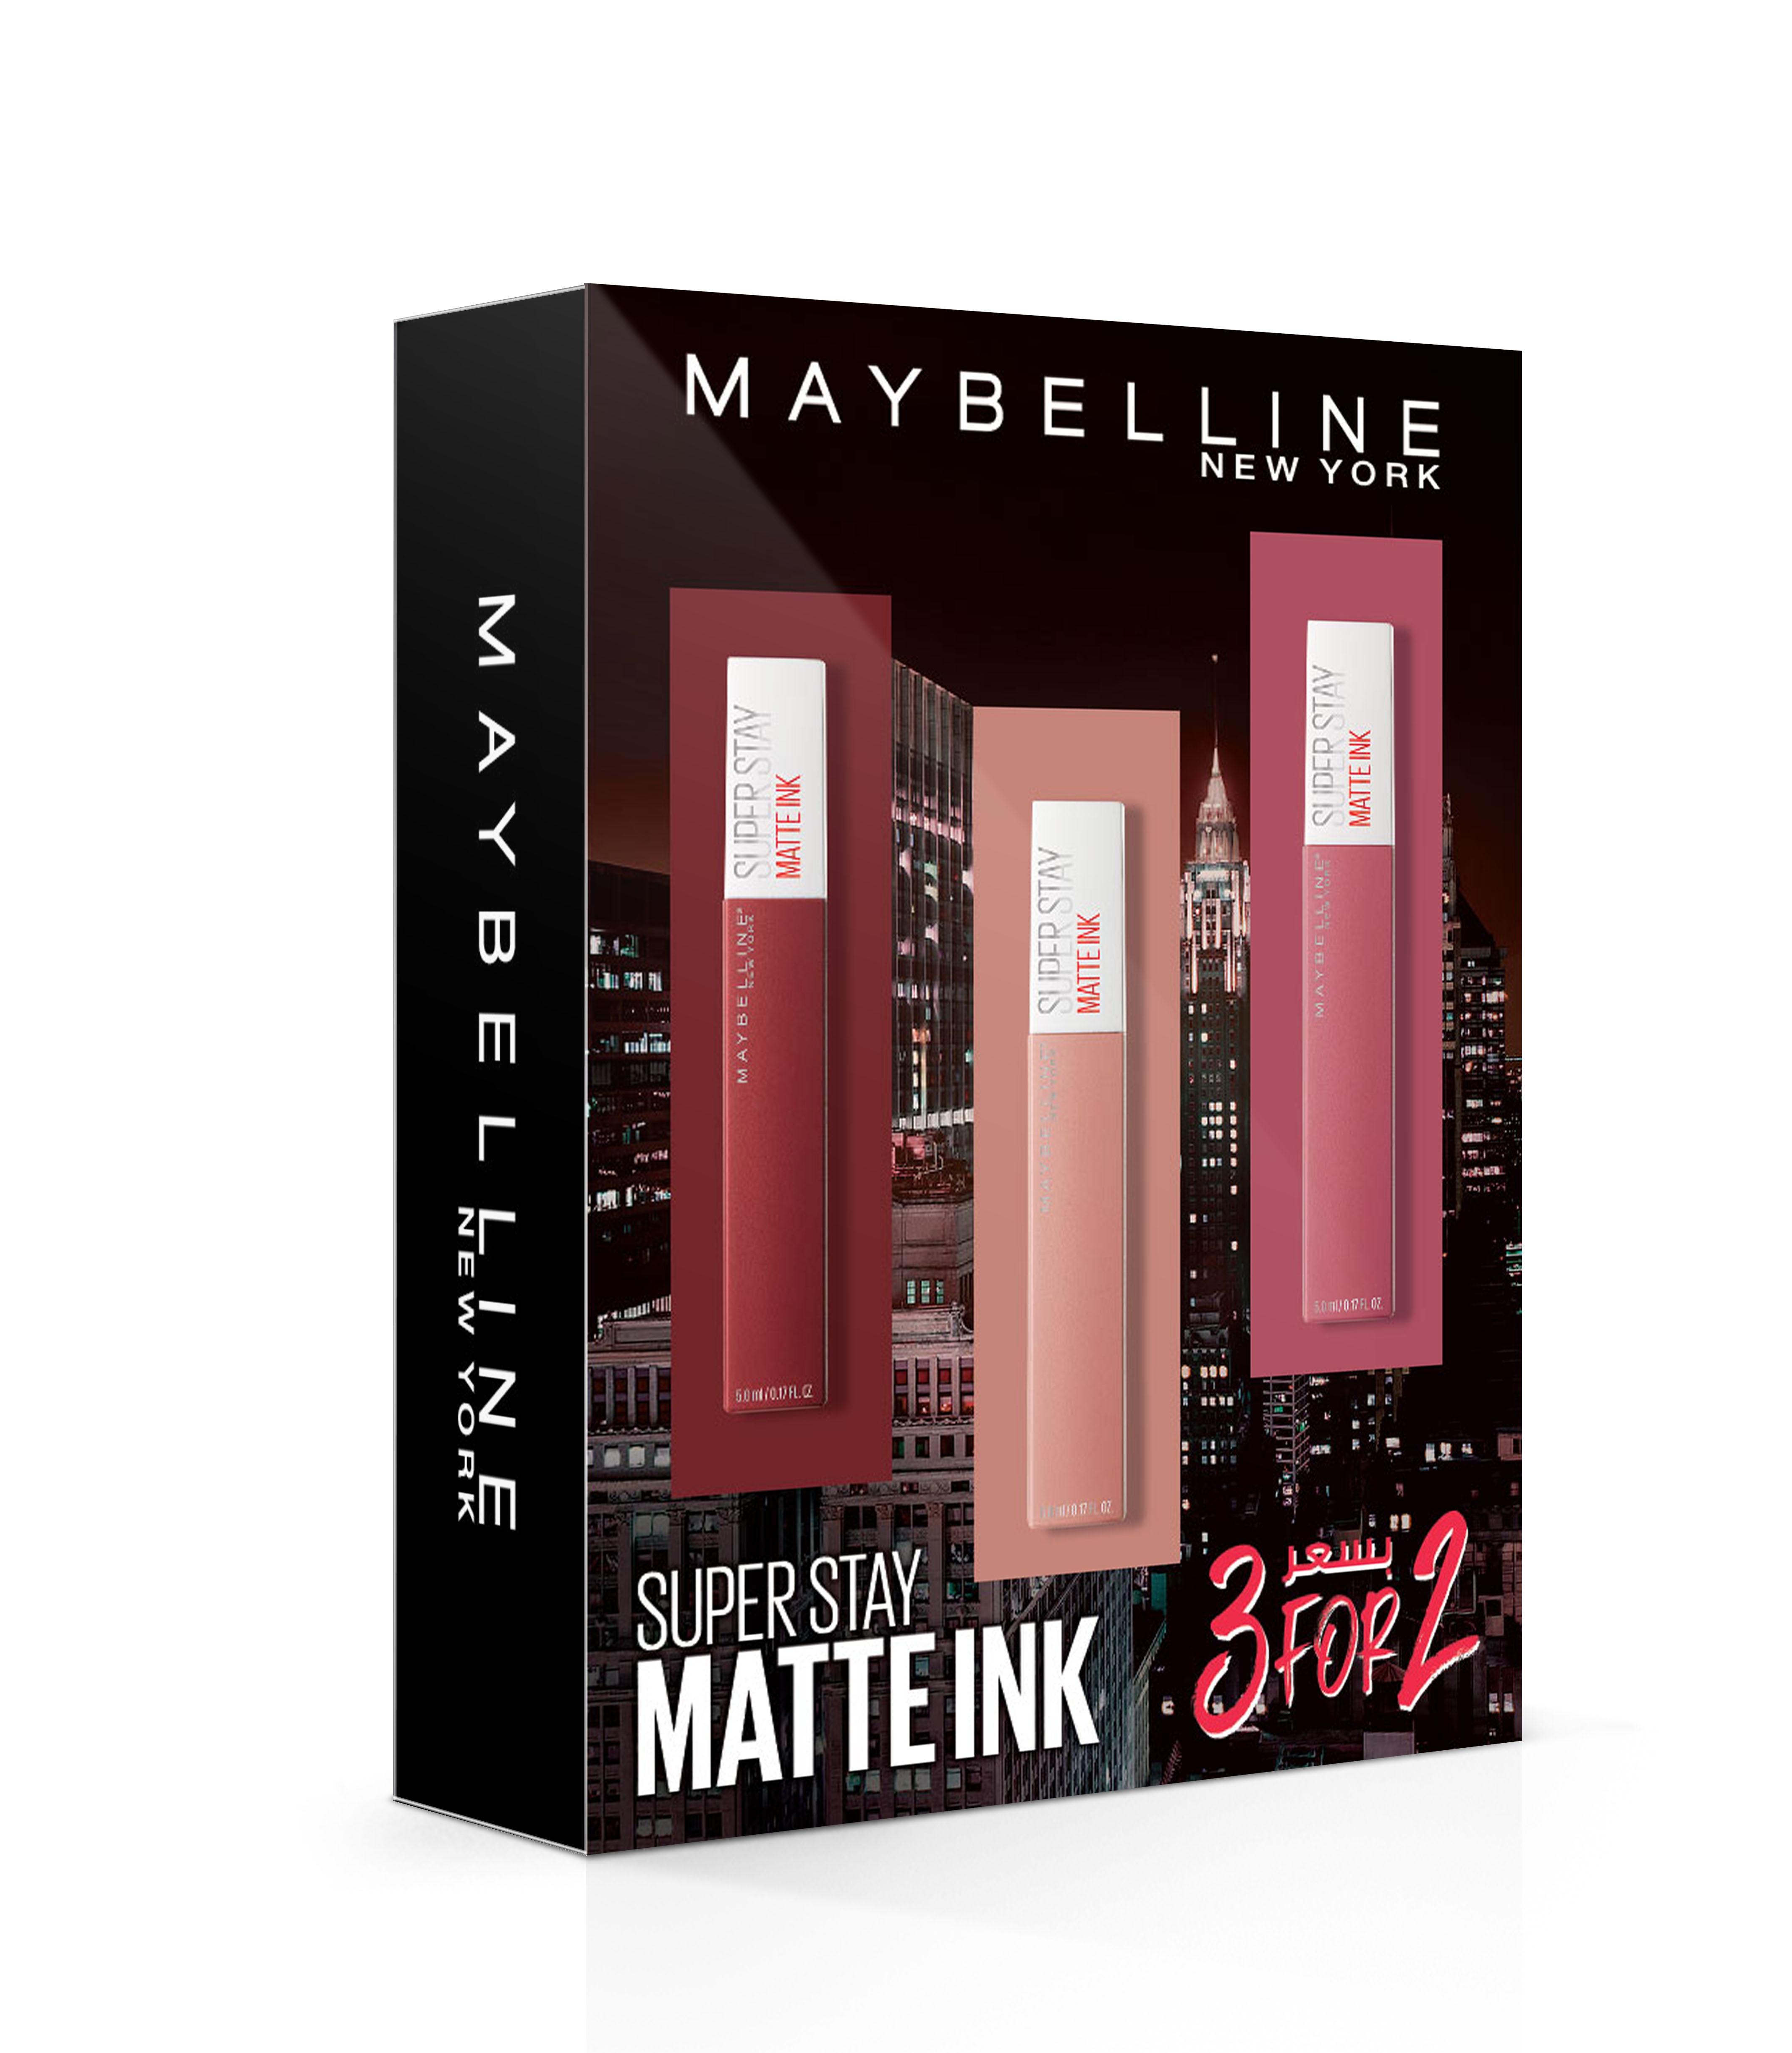 Maybelline 3 For 2 Superstay Matte Ink